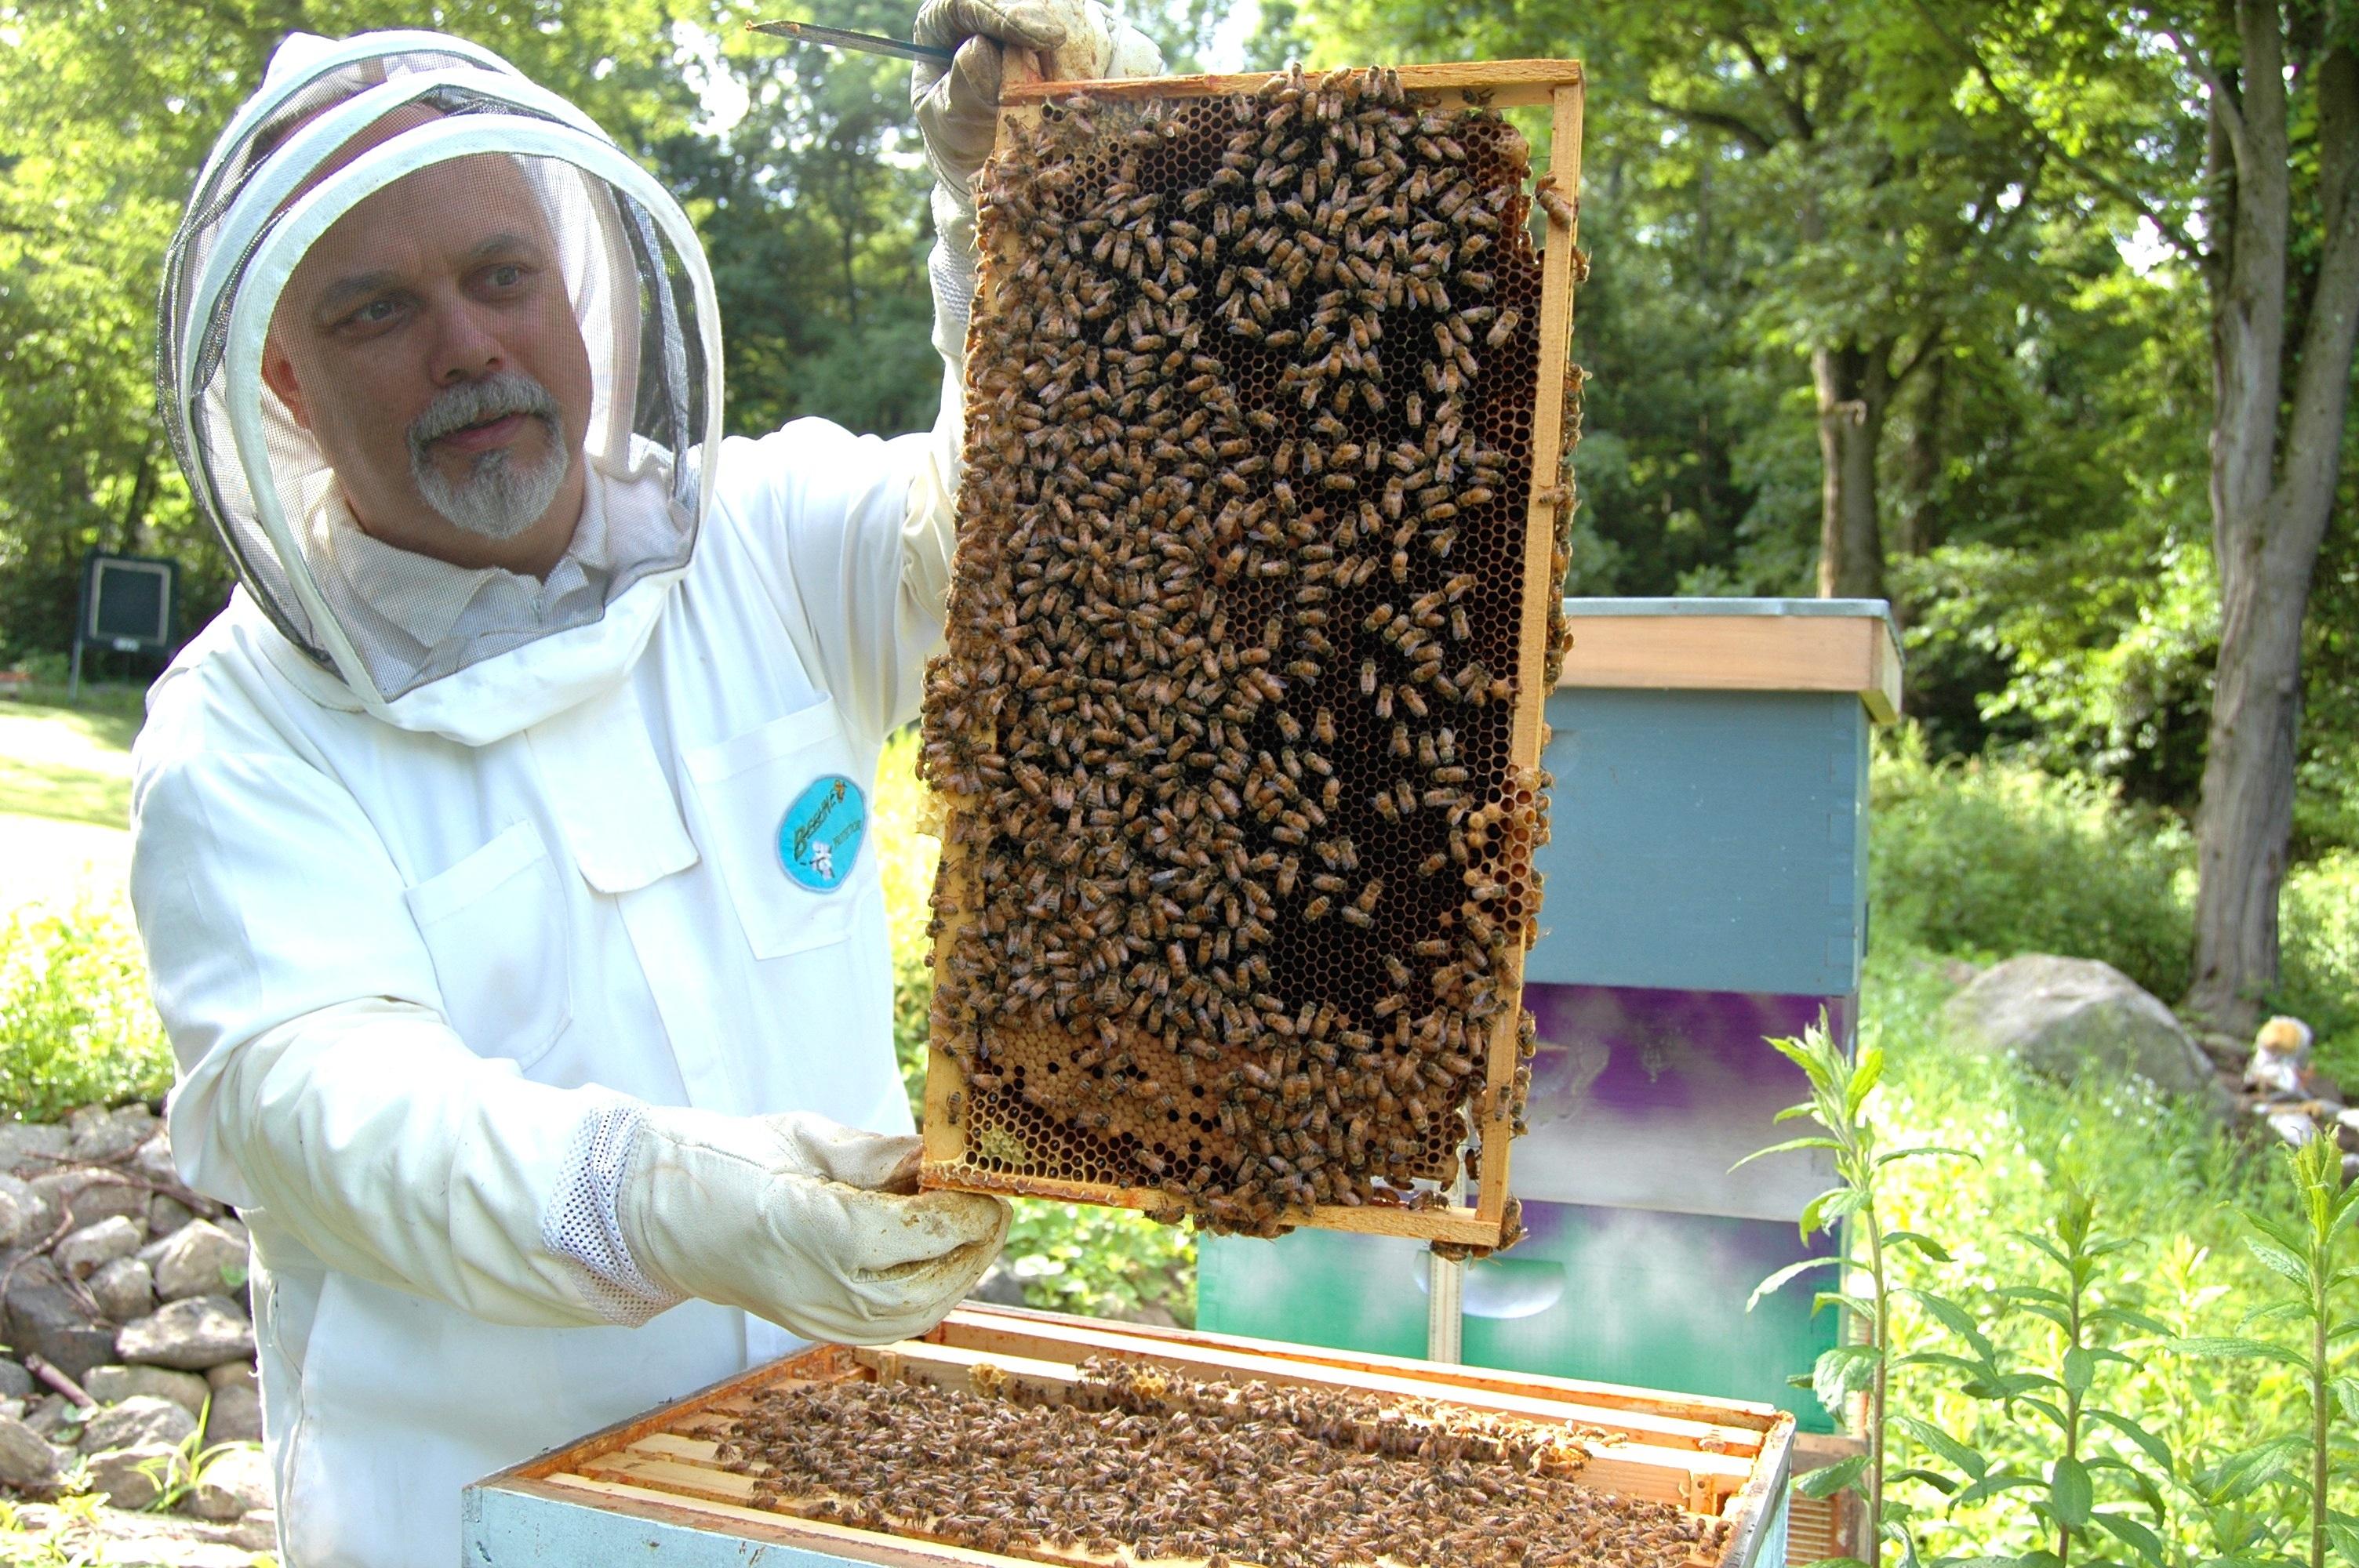 пчеловод улей пчелы картинки после работы